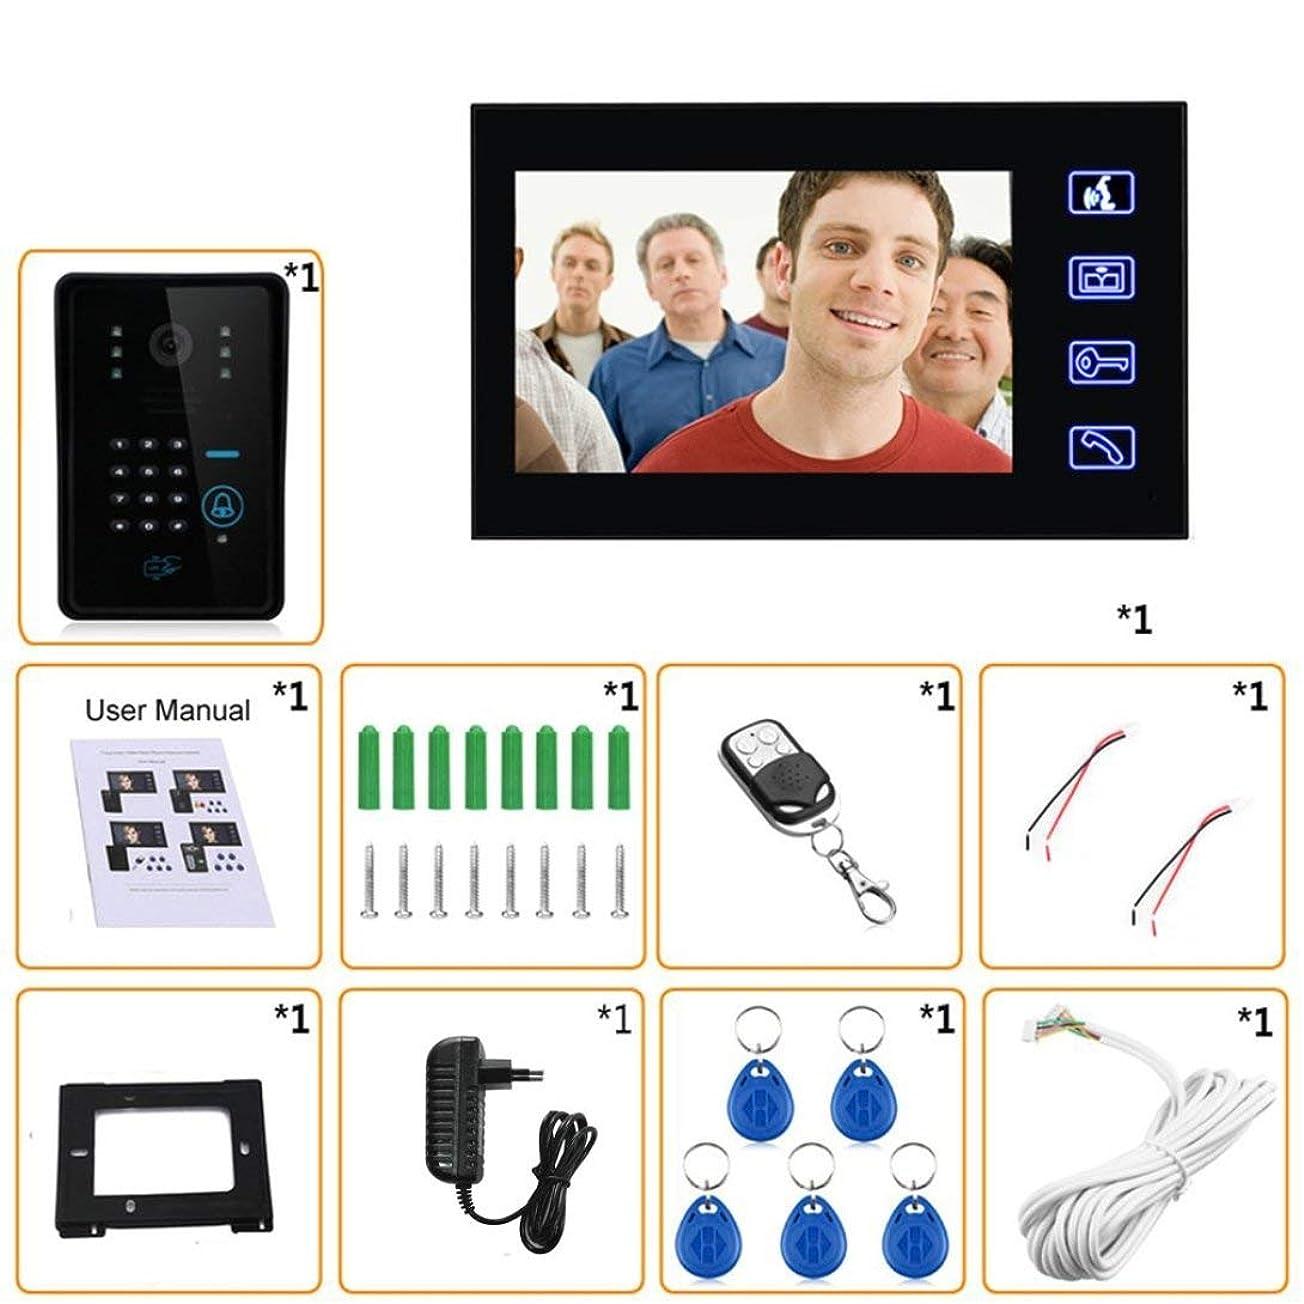 賭け幹縮約Swiftgood 7インチ有線ドアベルRFIDパスワードビデオドア電話インターホンドアベル、IRカメラ付きHD TVラインリモートコントロールシステム